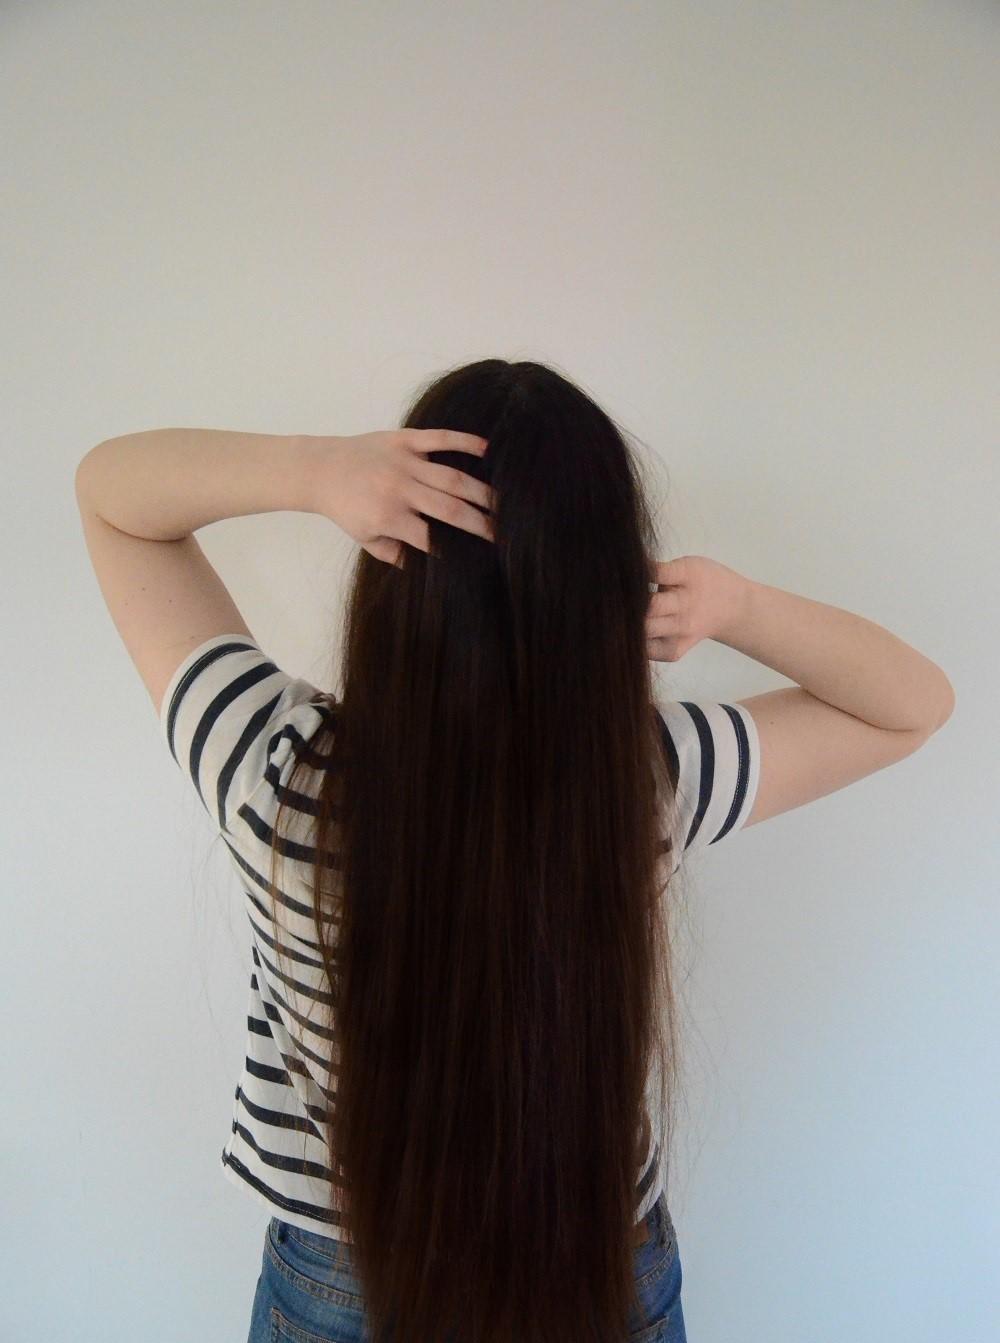 diy-hair-growth-potion-365-beauty-tips